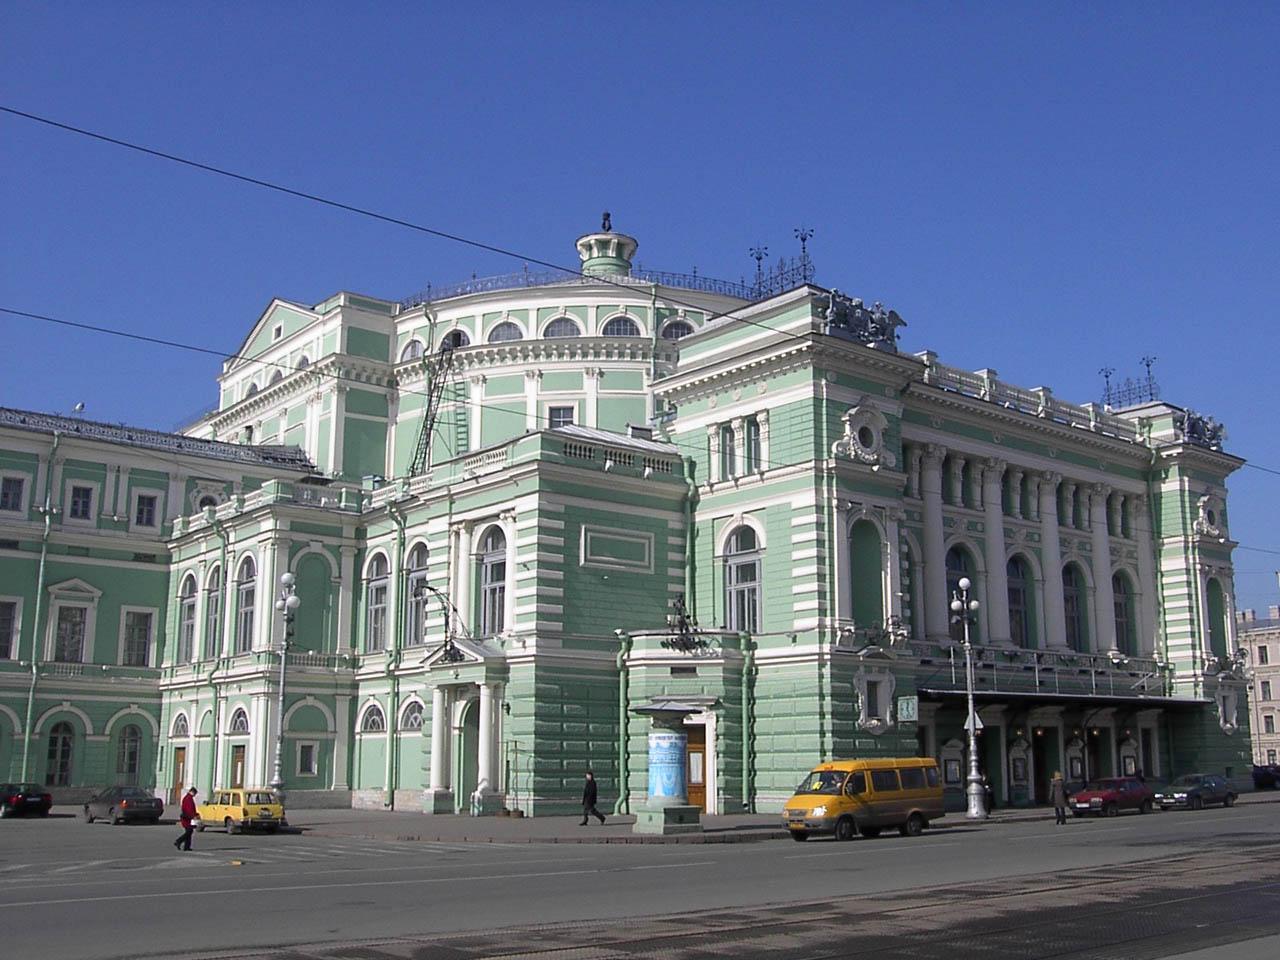 О Петербурге Мариинский театр Уникальный занавес Мариинского театра ставший по существу его символом был создан в 1914 году по эскизам известного театрального художника А Головина В